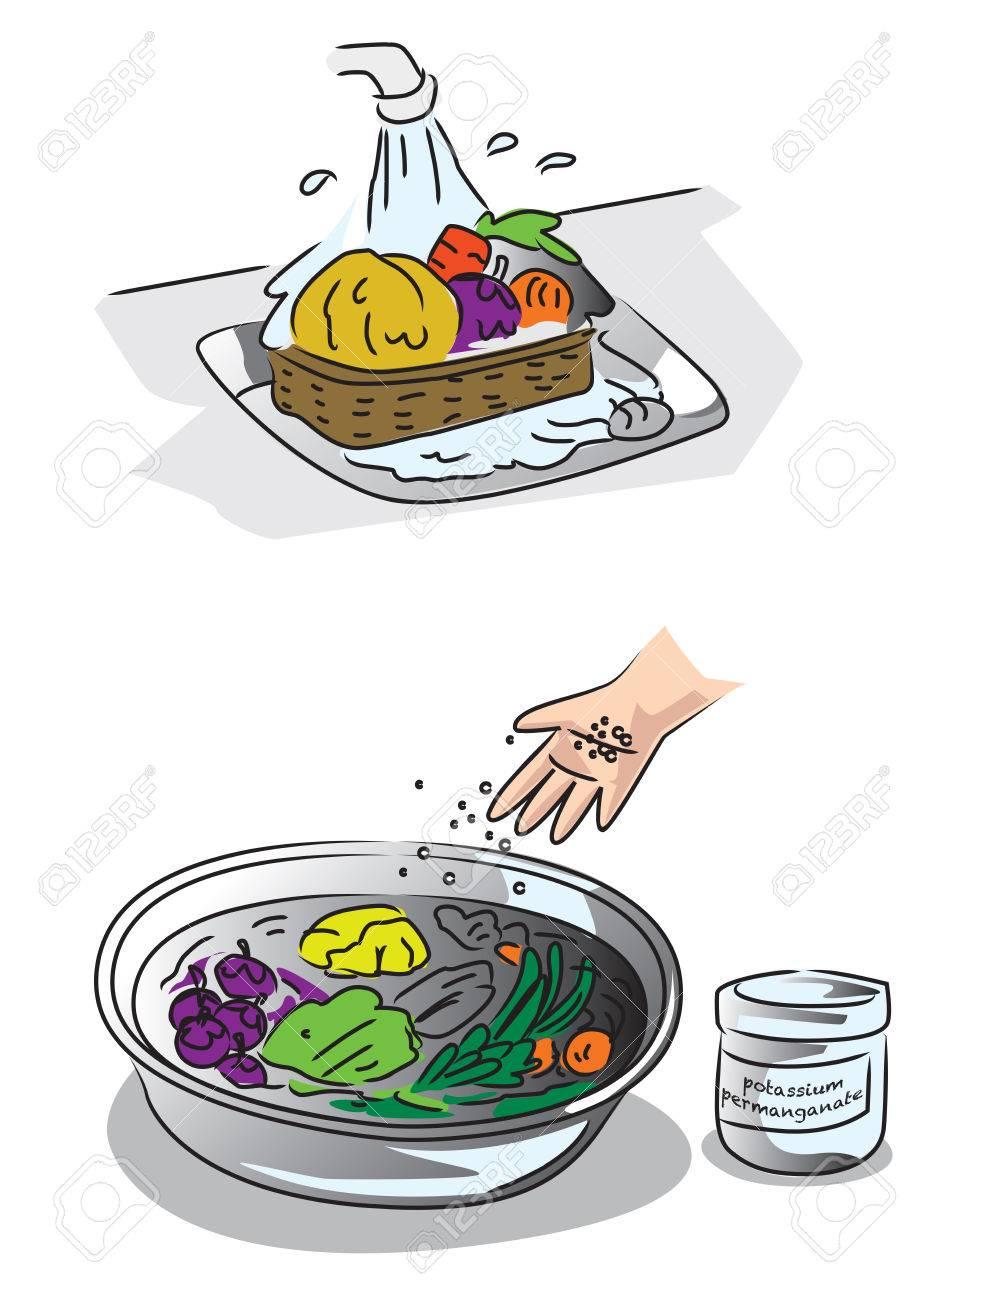 Reinigung von Obst und Gemüse